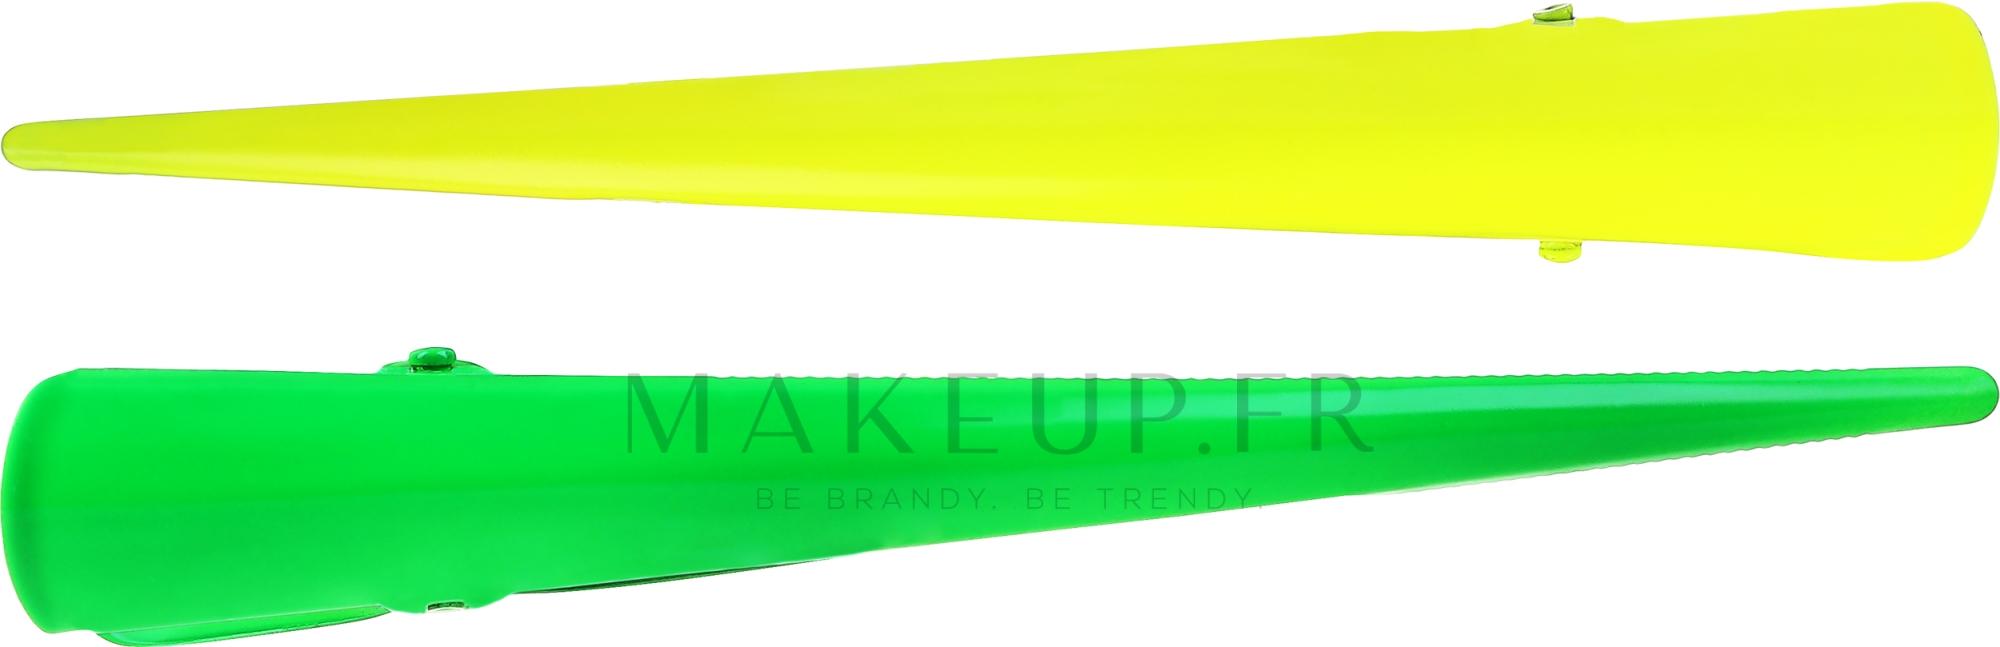 Barrettes à cheveux, 25143, jaune et vert - Top Choice — Photo 2 pcs.